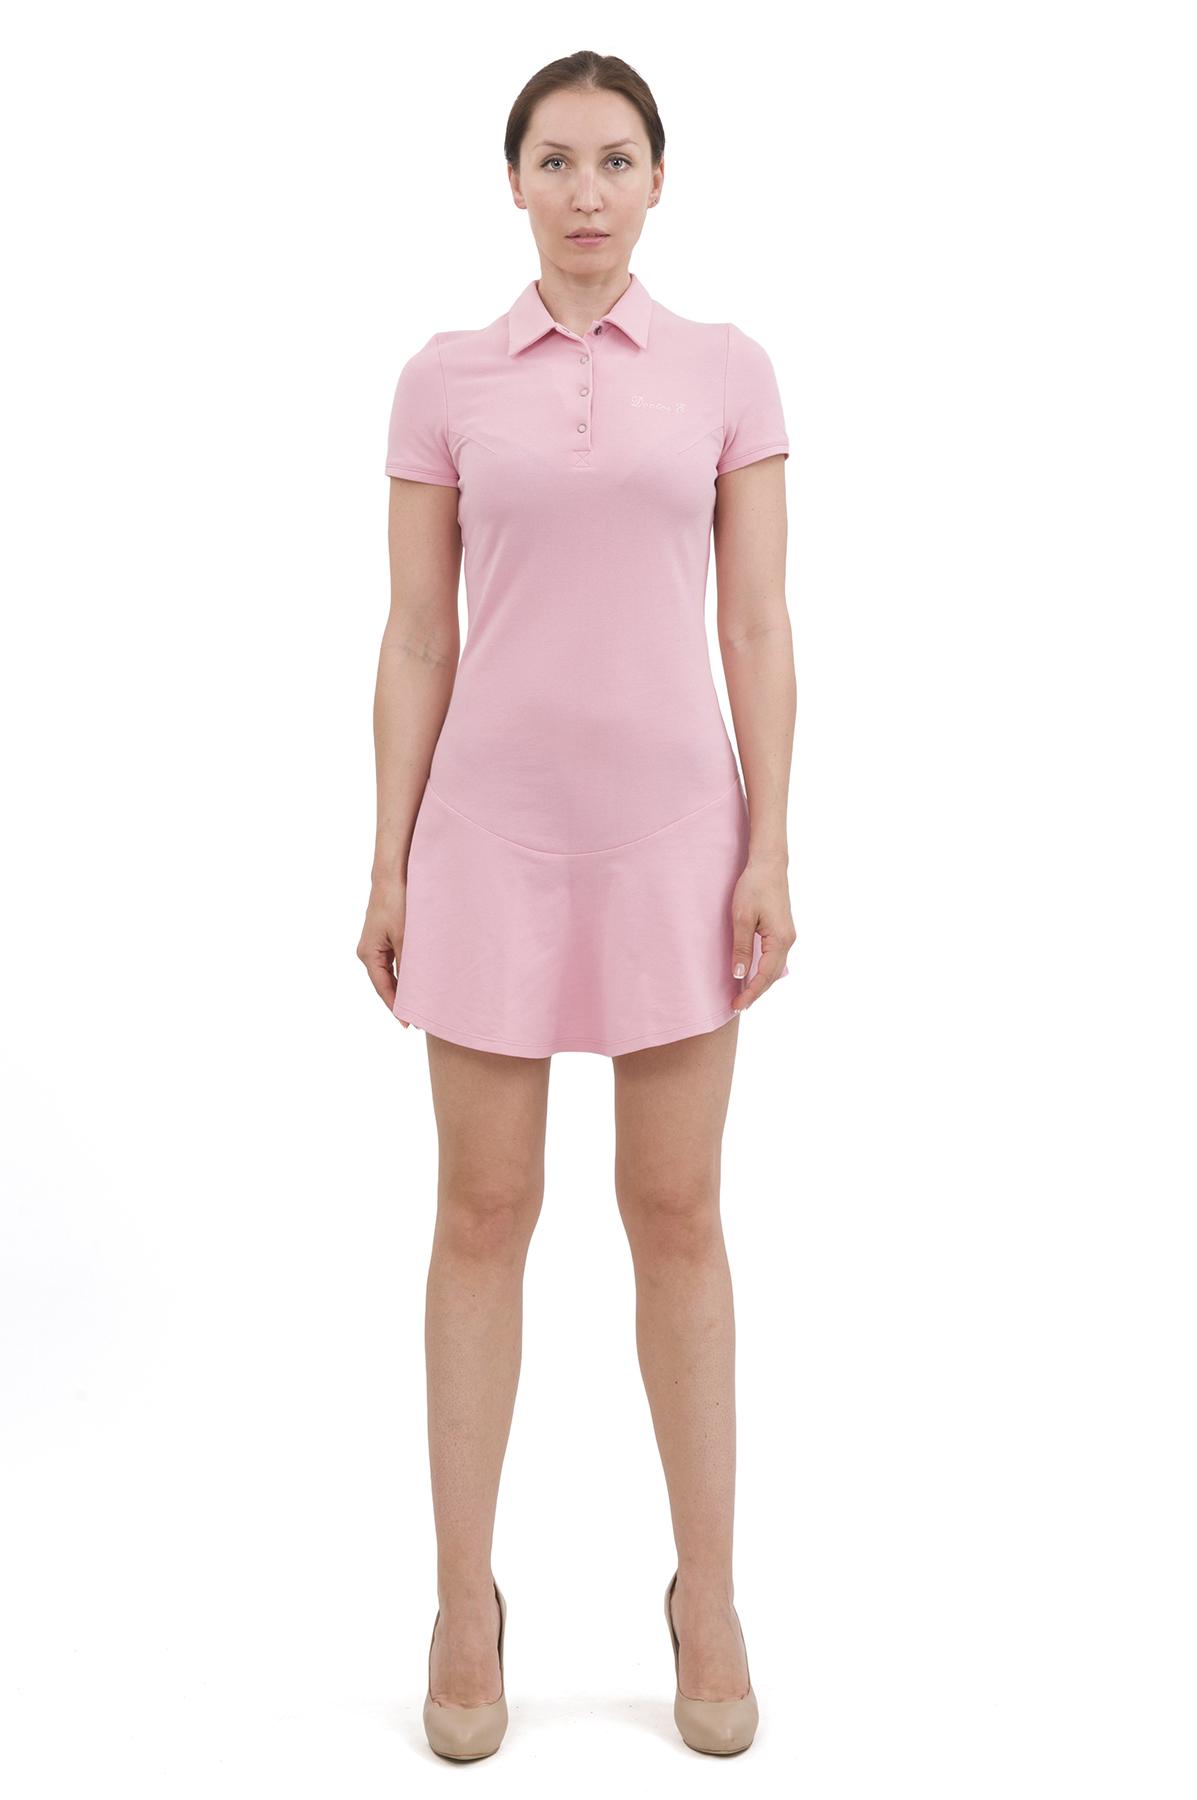 ПлатьеПлатья,  сарафаны<br>Изумительное платье яркой расцветки и оригинального дизайна не оставит Вас незамеченной среди окружающих. Отличный вариант на лето!<br><br>Цвет: розовый<br>Состав: 100% хлопок<br>Размер: 40,42,44,46,48,50,52,54,56,58,60<br>Страна дизайна: Россия<br>Страна производства: Россия